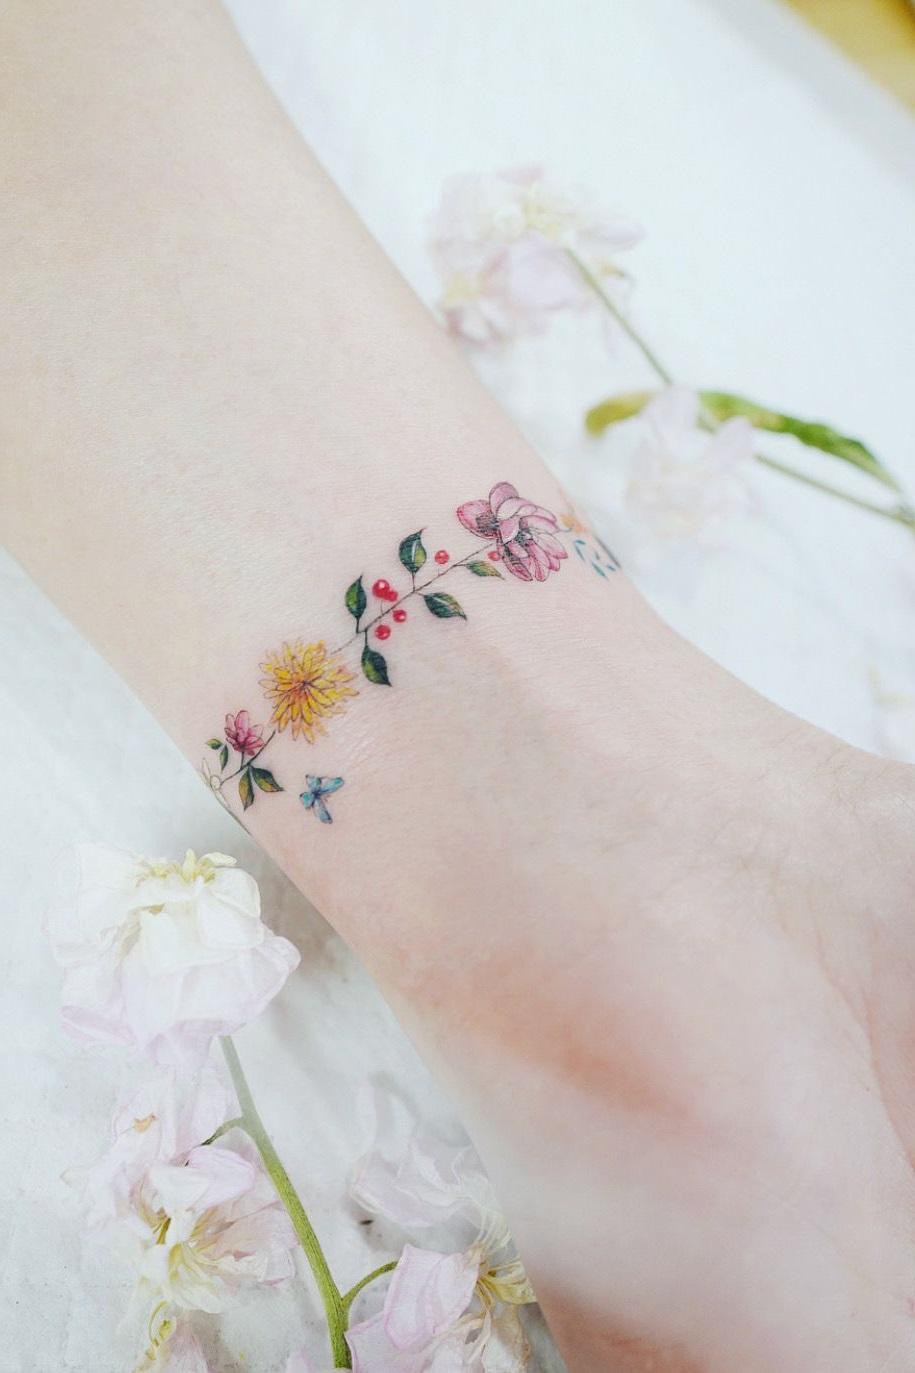 Dessin floral multicolore.